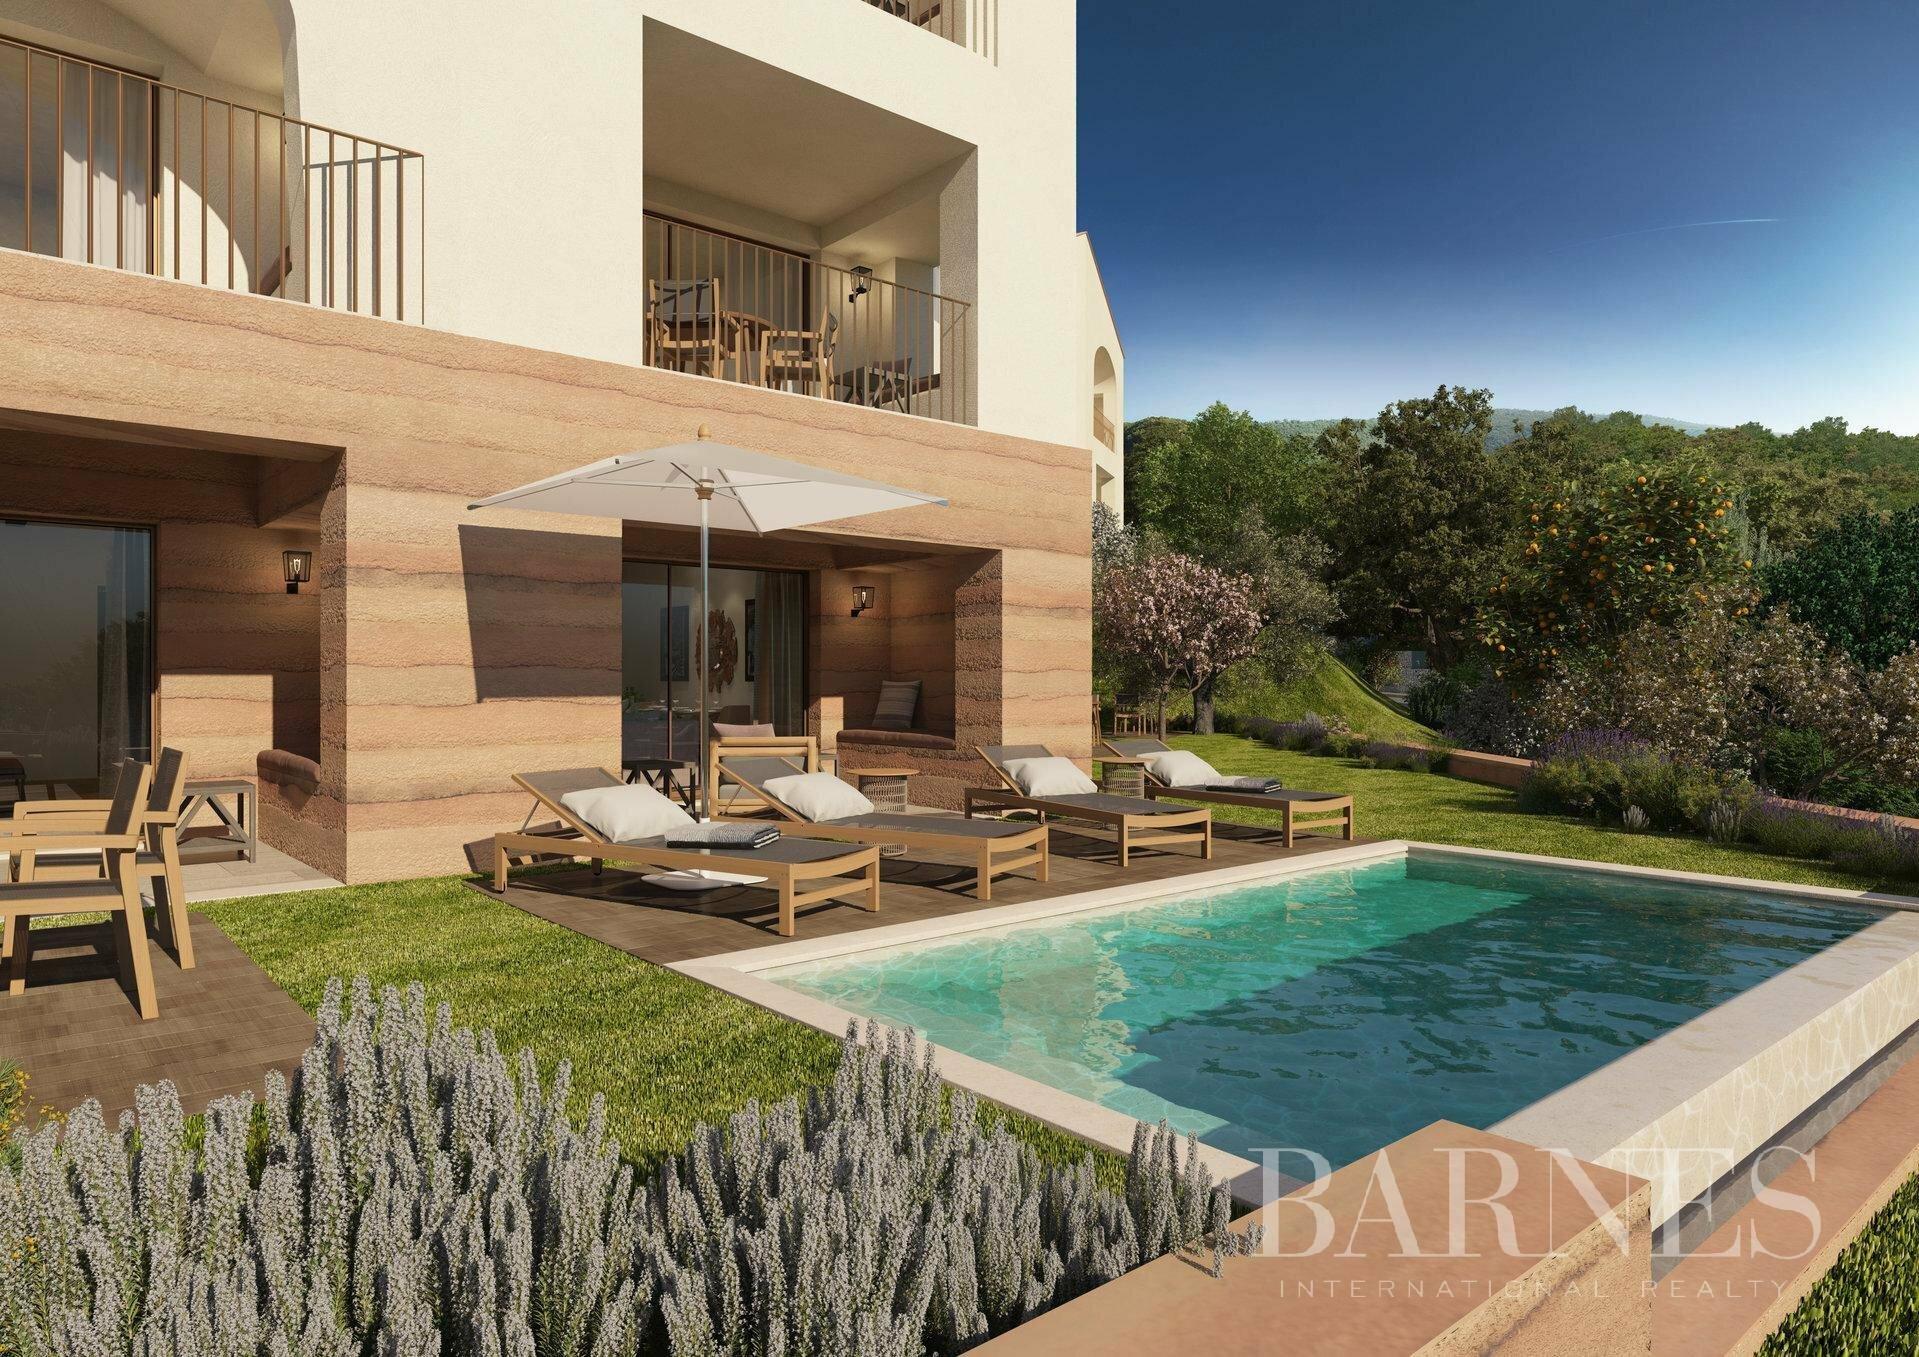 Appartamento a Loulé, Distretto di Faro, Portogallo 1 - 11409838